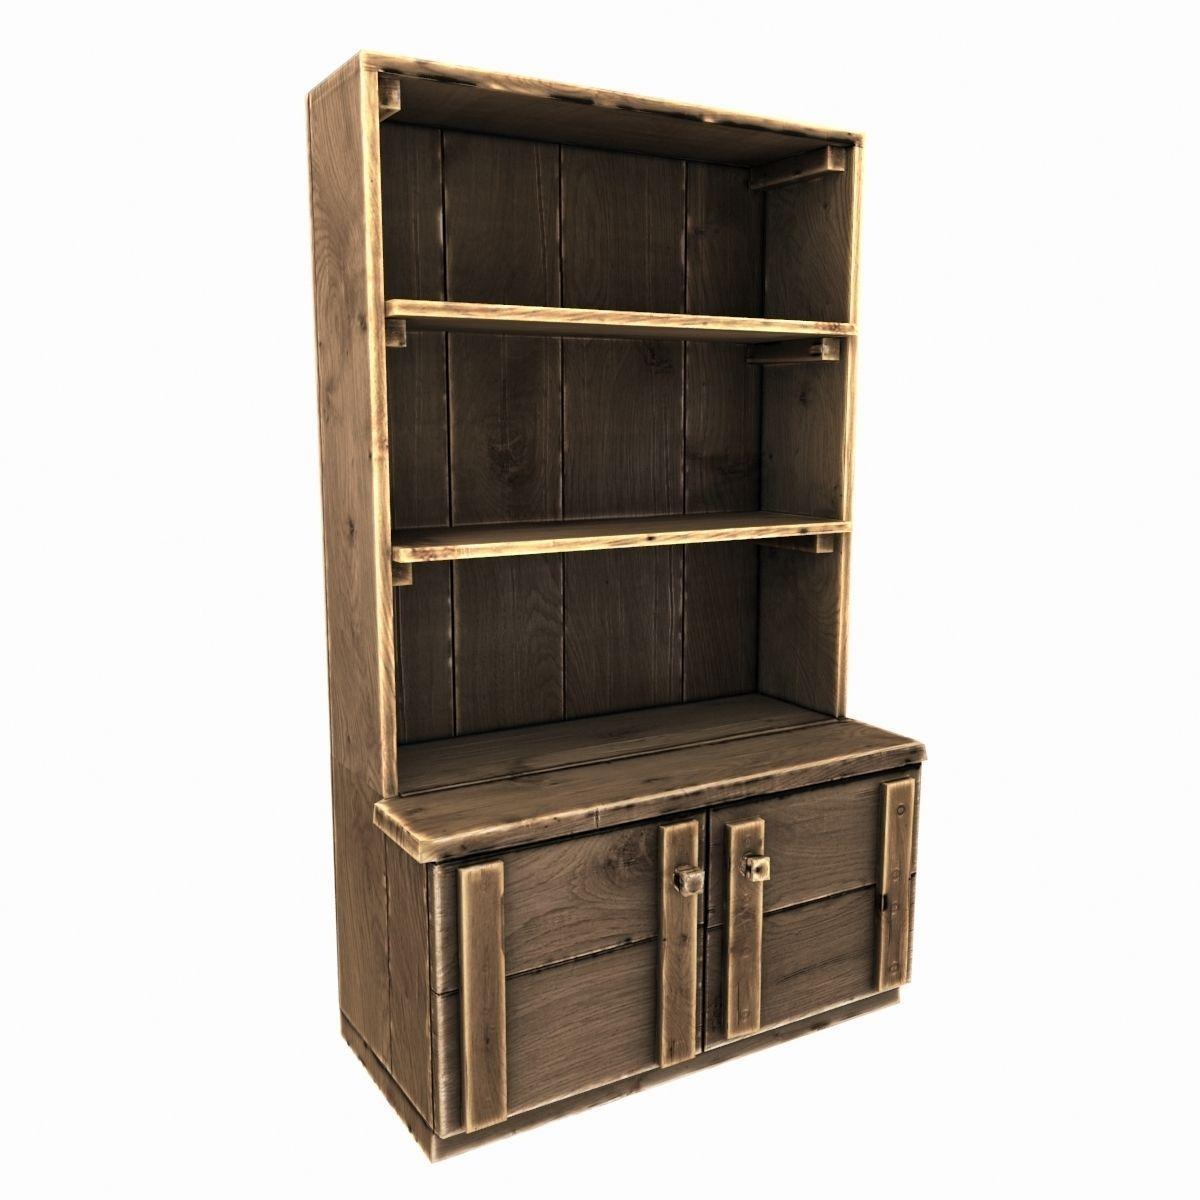 D model old wooden cupboard vr ar low poly obj fbx